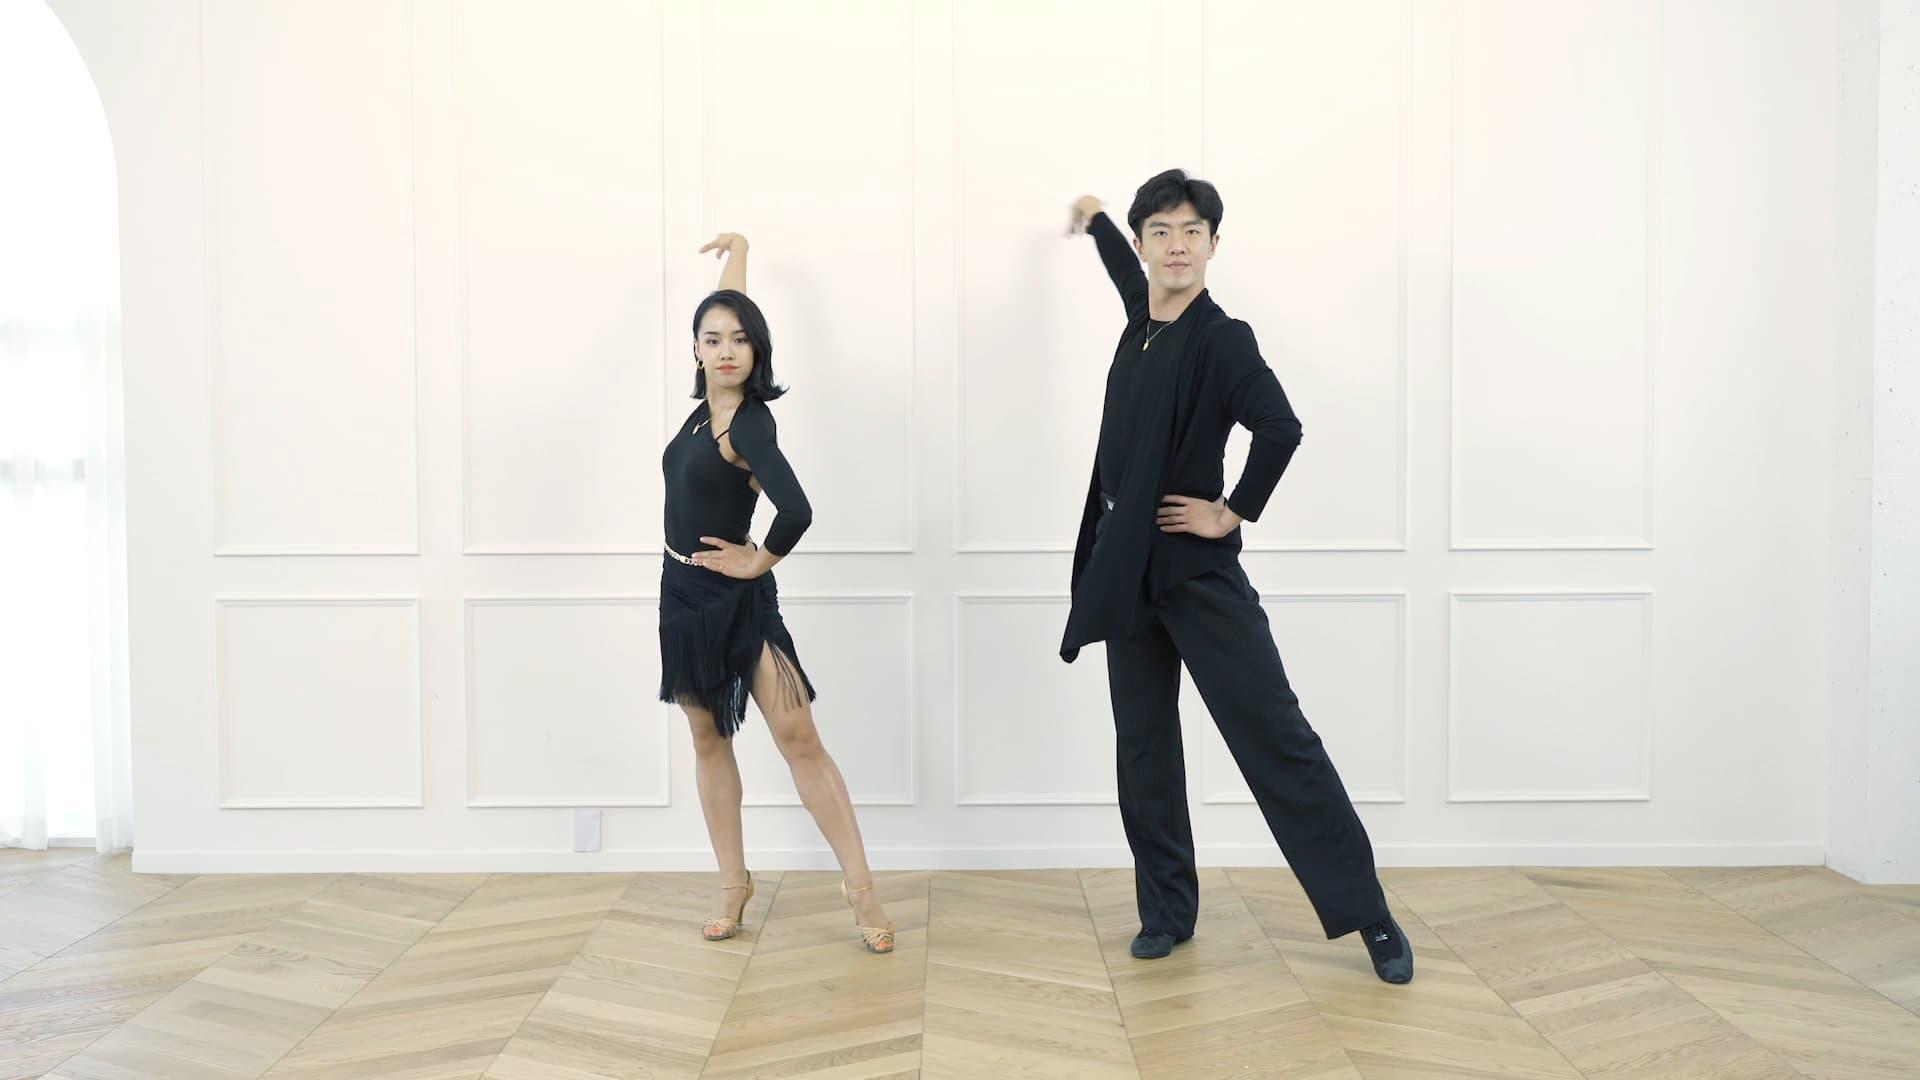 여성체육활동지원 - 국가대표와 함께하는 랜선 댄스스포츠(차차차) [대한체육회]